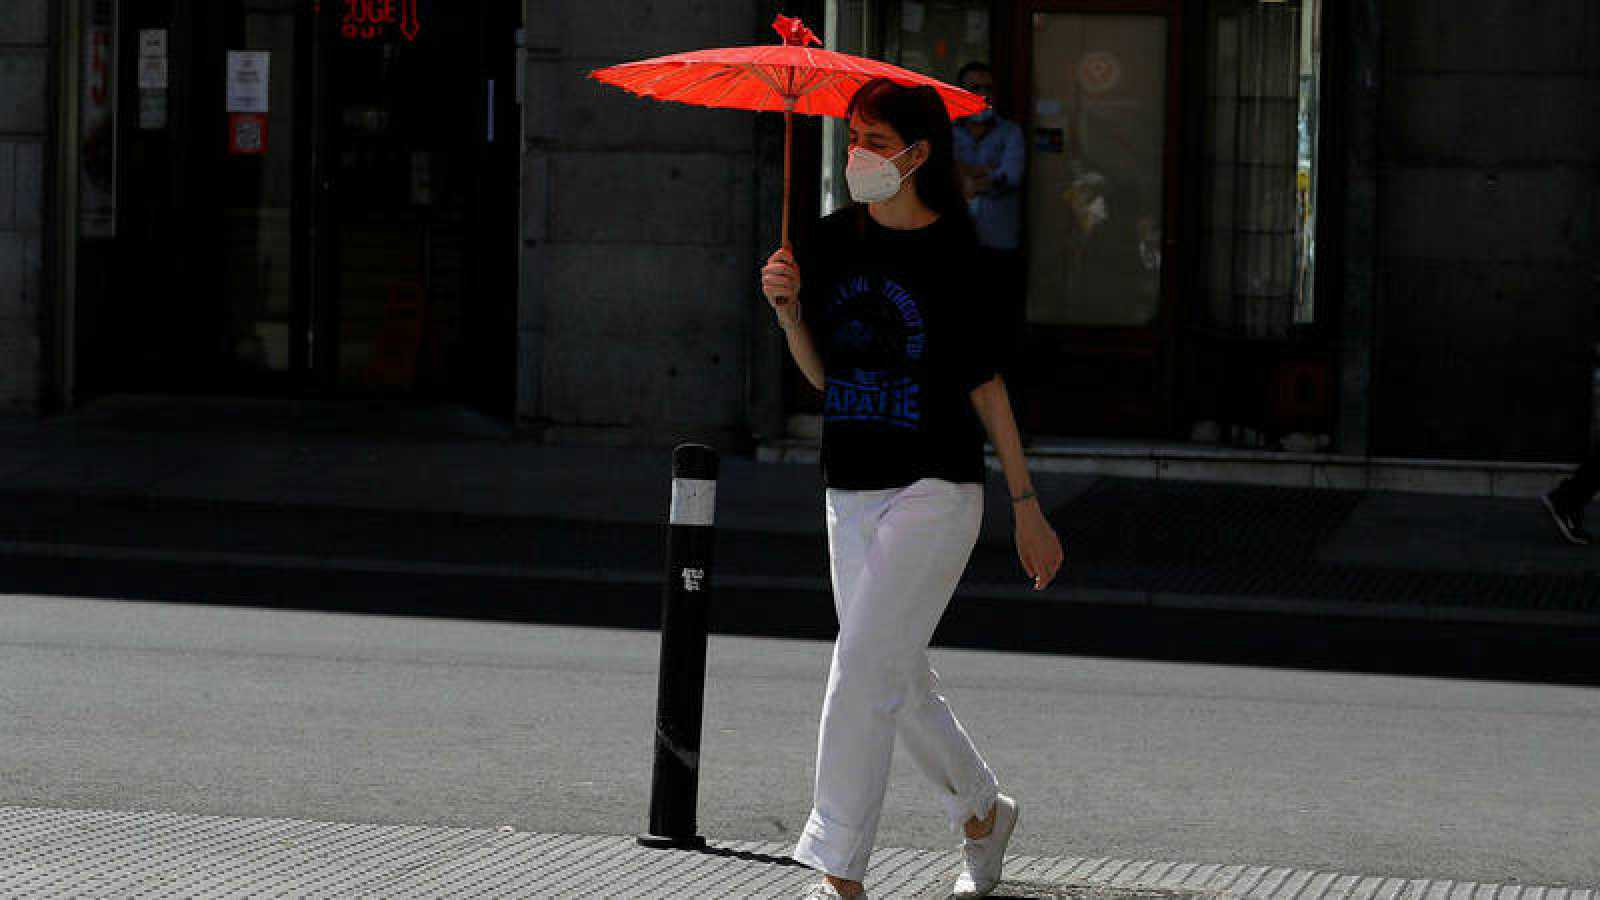 Una viandante se protege del sol con una sombrilla en el centro de Madrid.